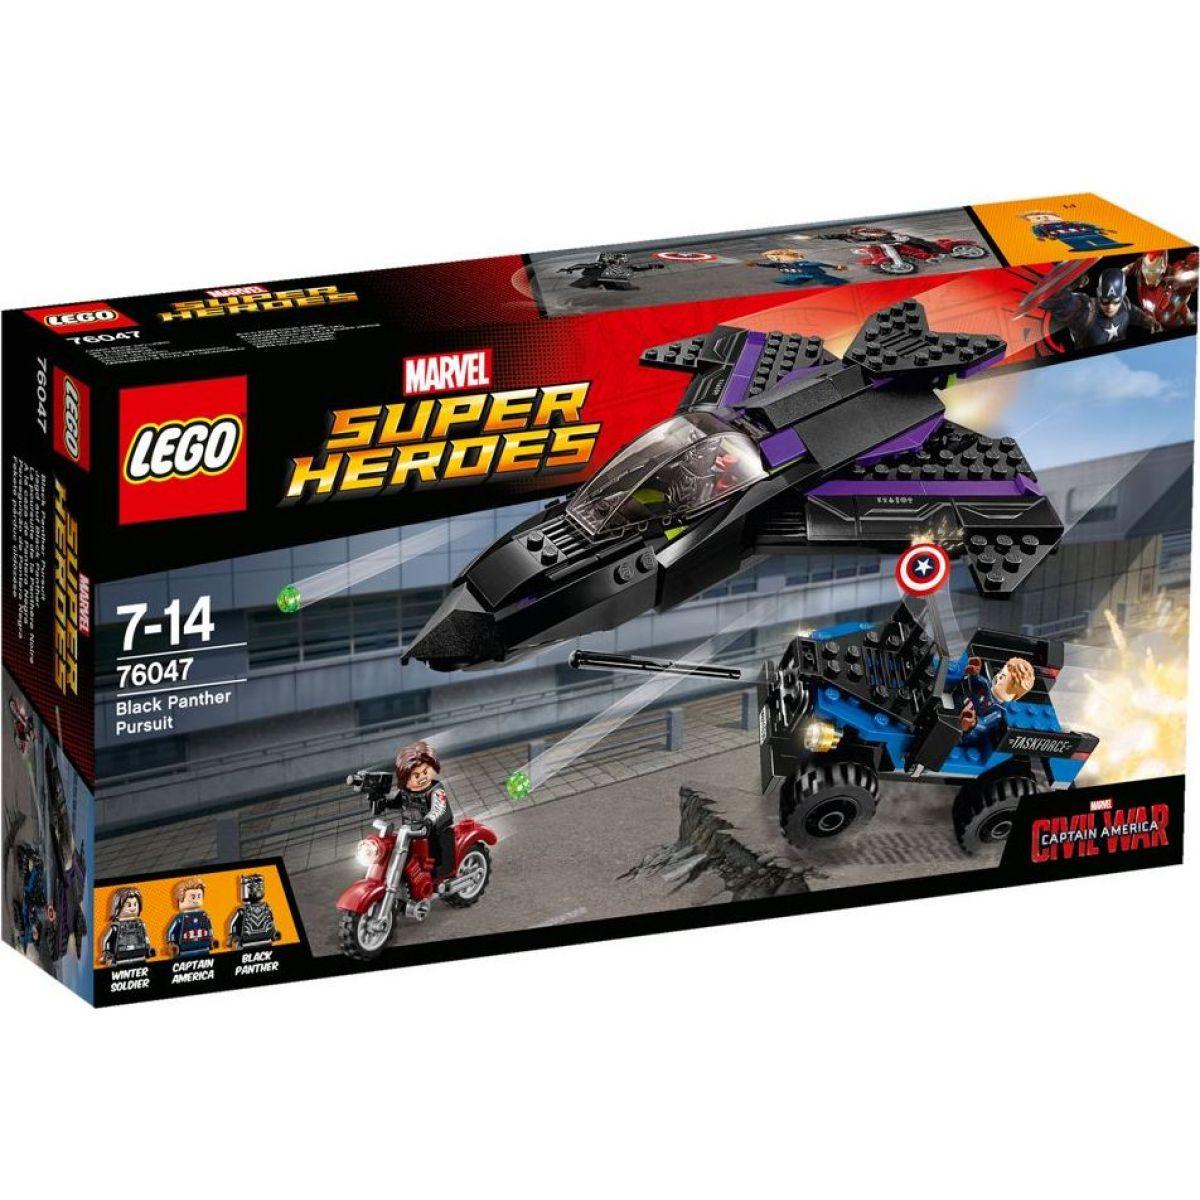 LEGO Super Heroes 76047 Confidential Captain America Movie 3